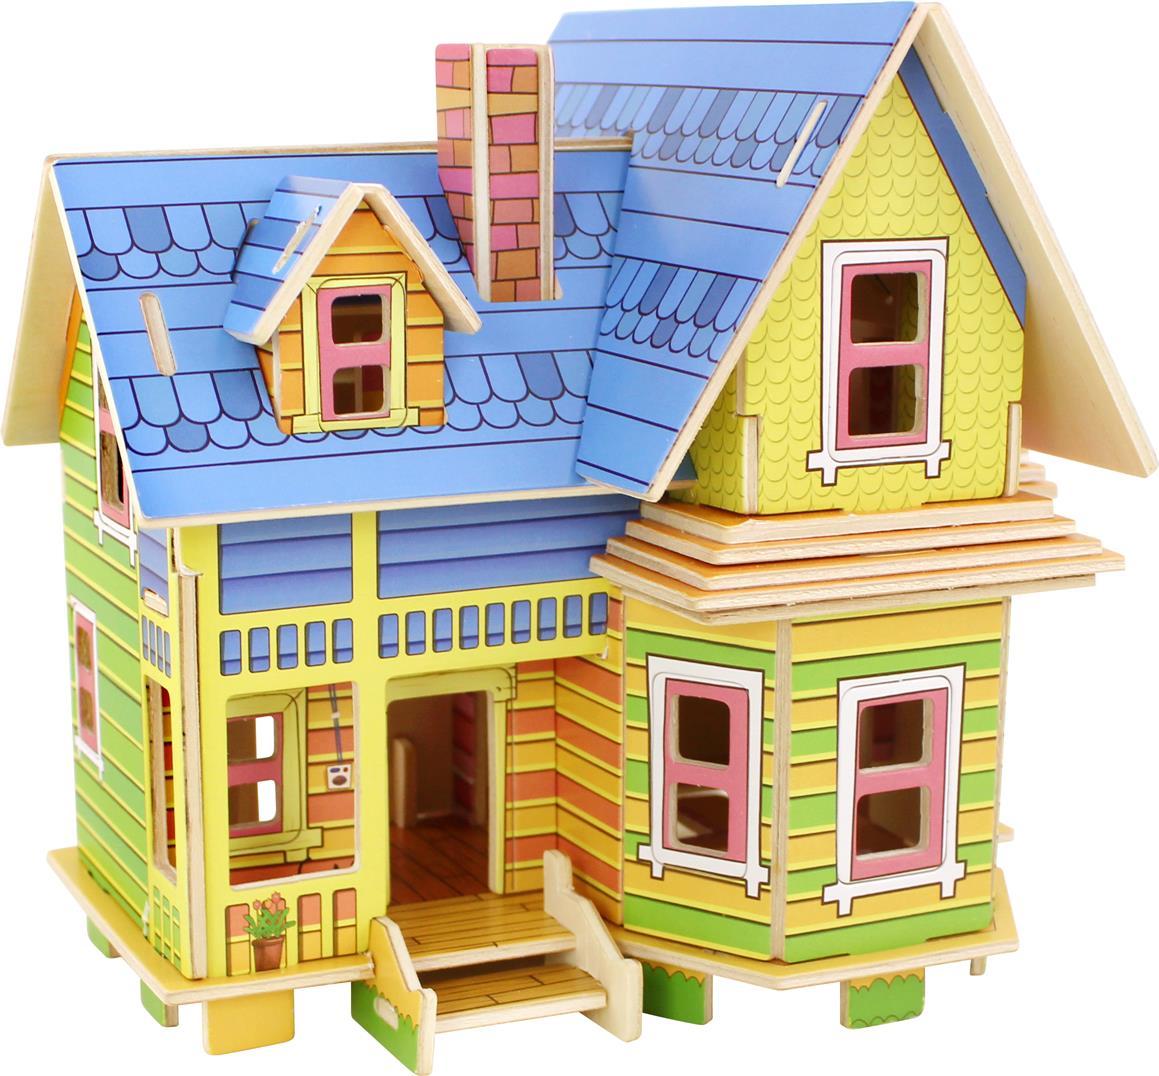 Drevené 3D puzzle skladačky Robotime Amelia domček pre bábiky